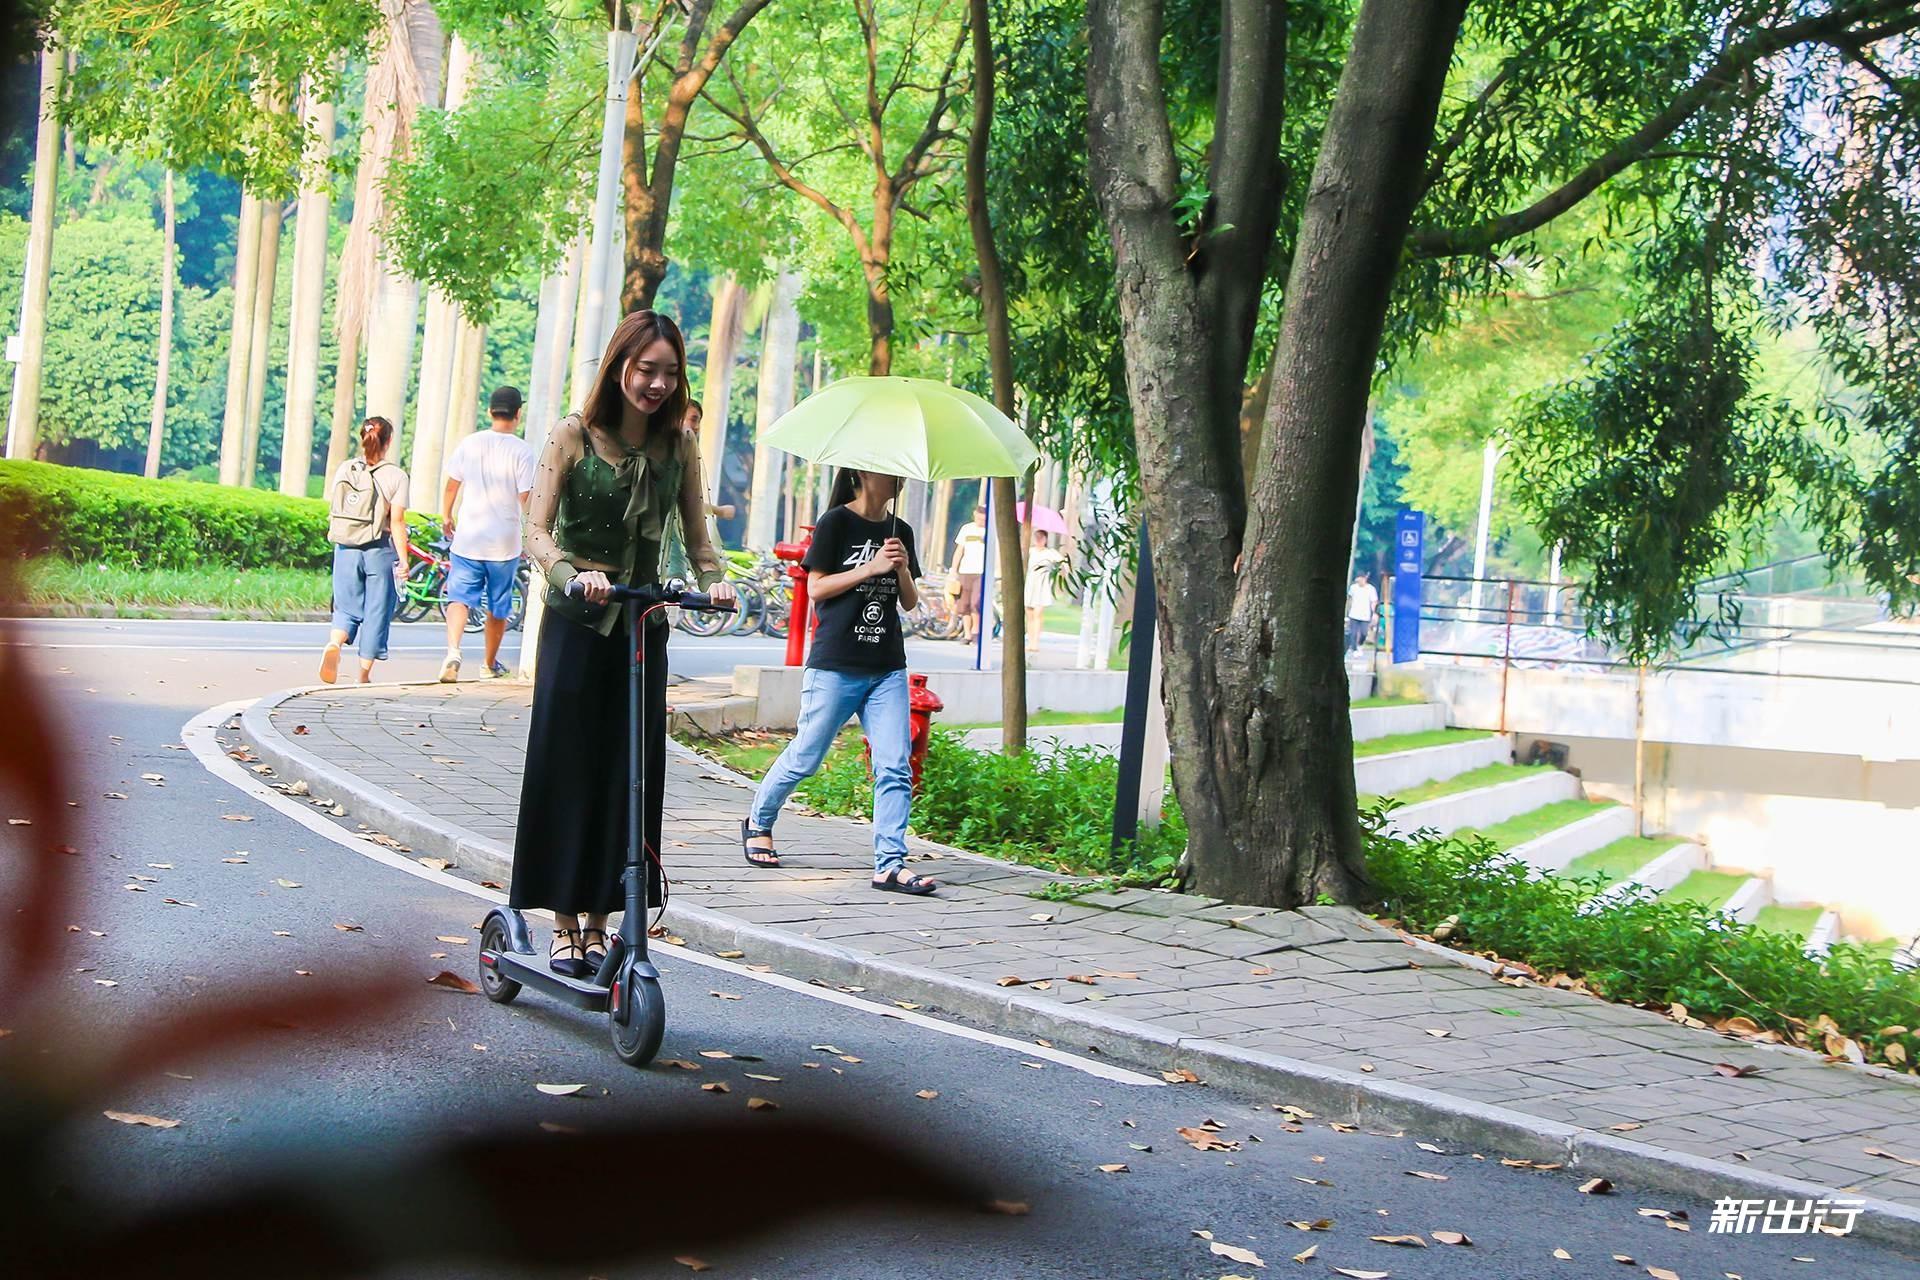 潜入深圳大学的那一刻我惊呆了 大学生出行竟然专科考研黉舍